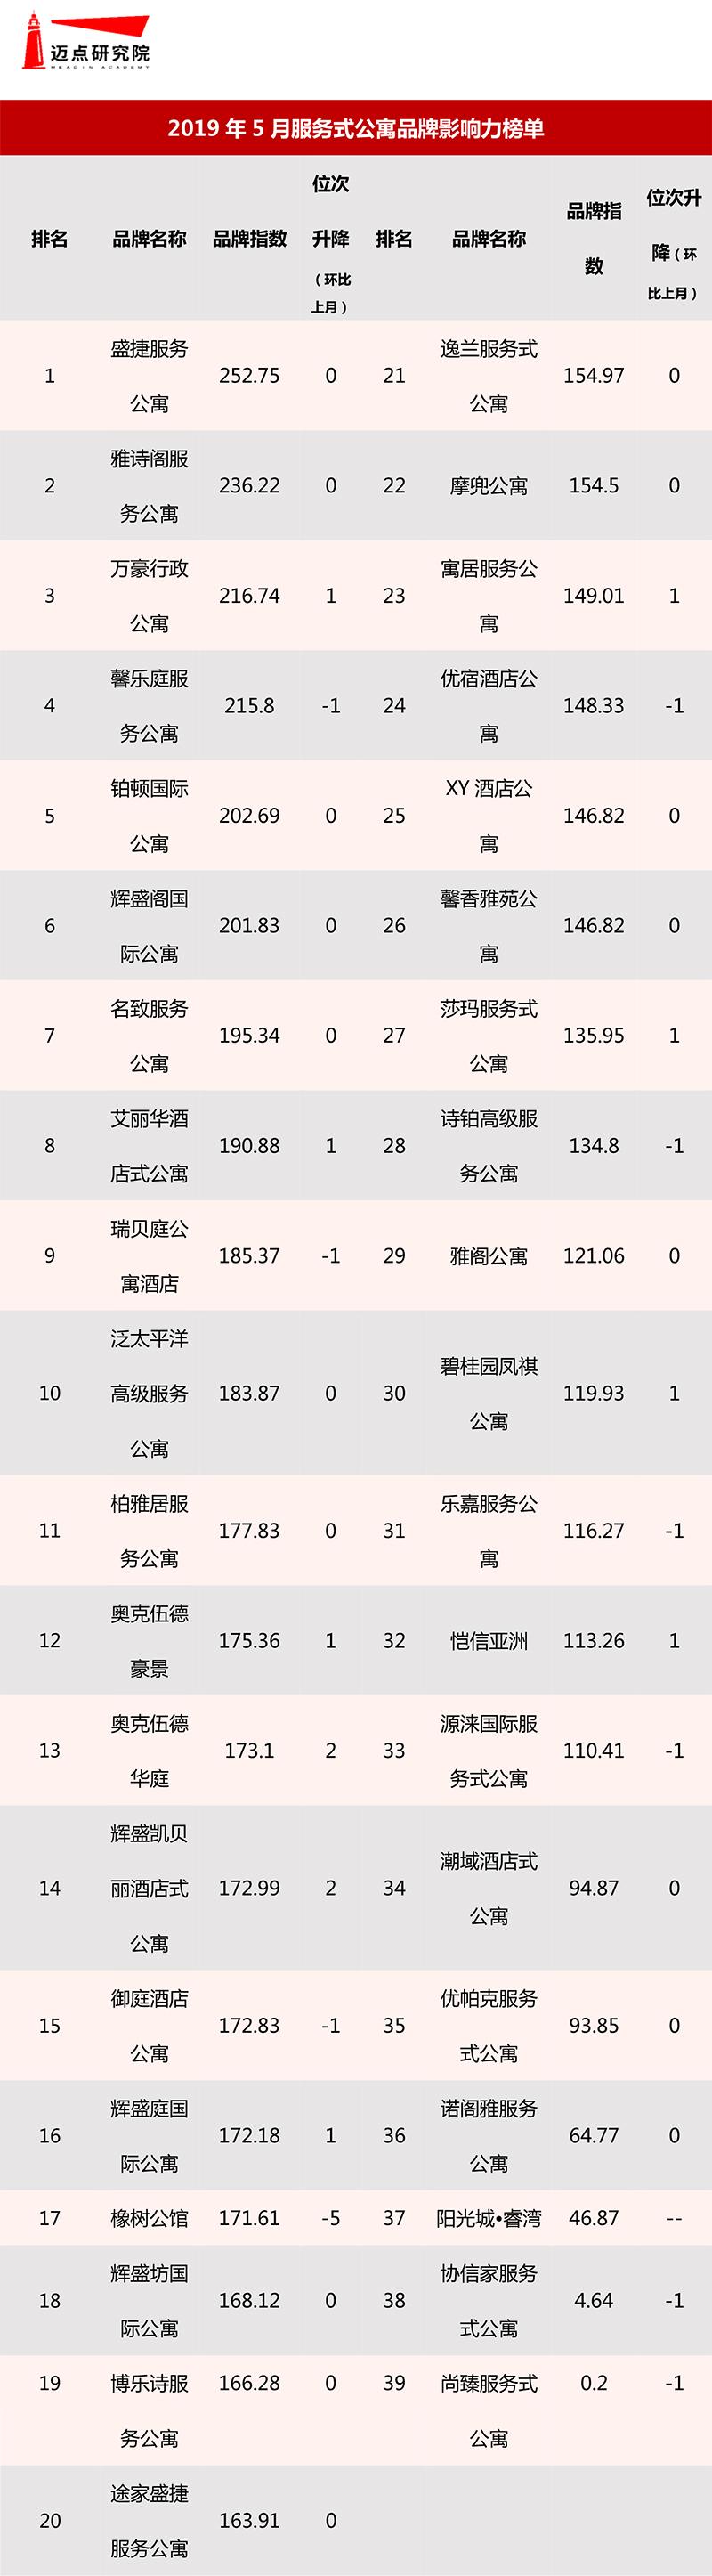 2019年5月集中式长租公寓品牌影响力榜单-7.jpg